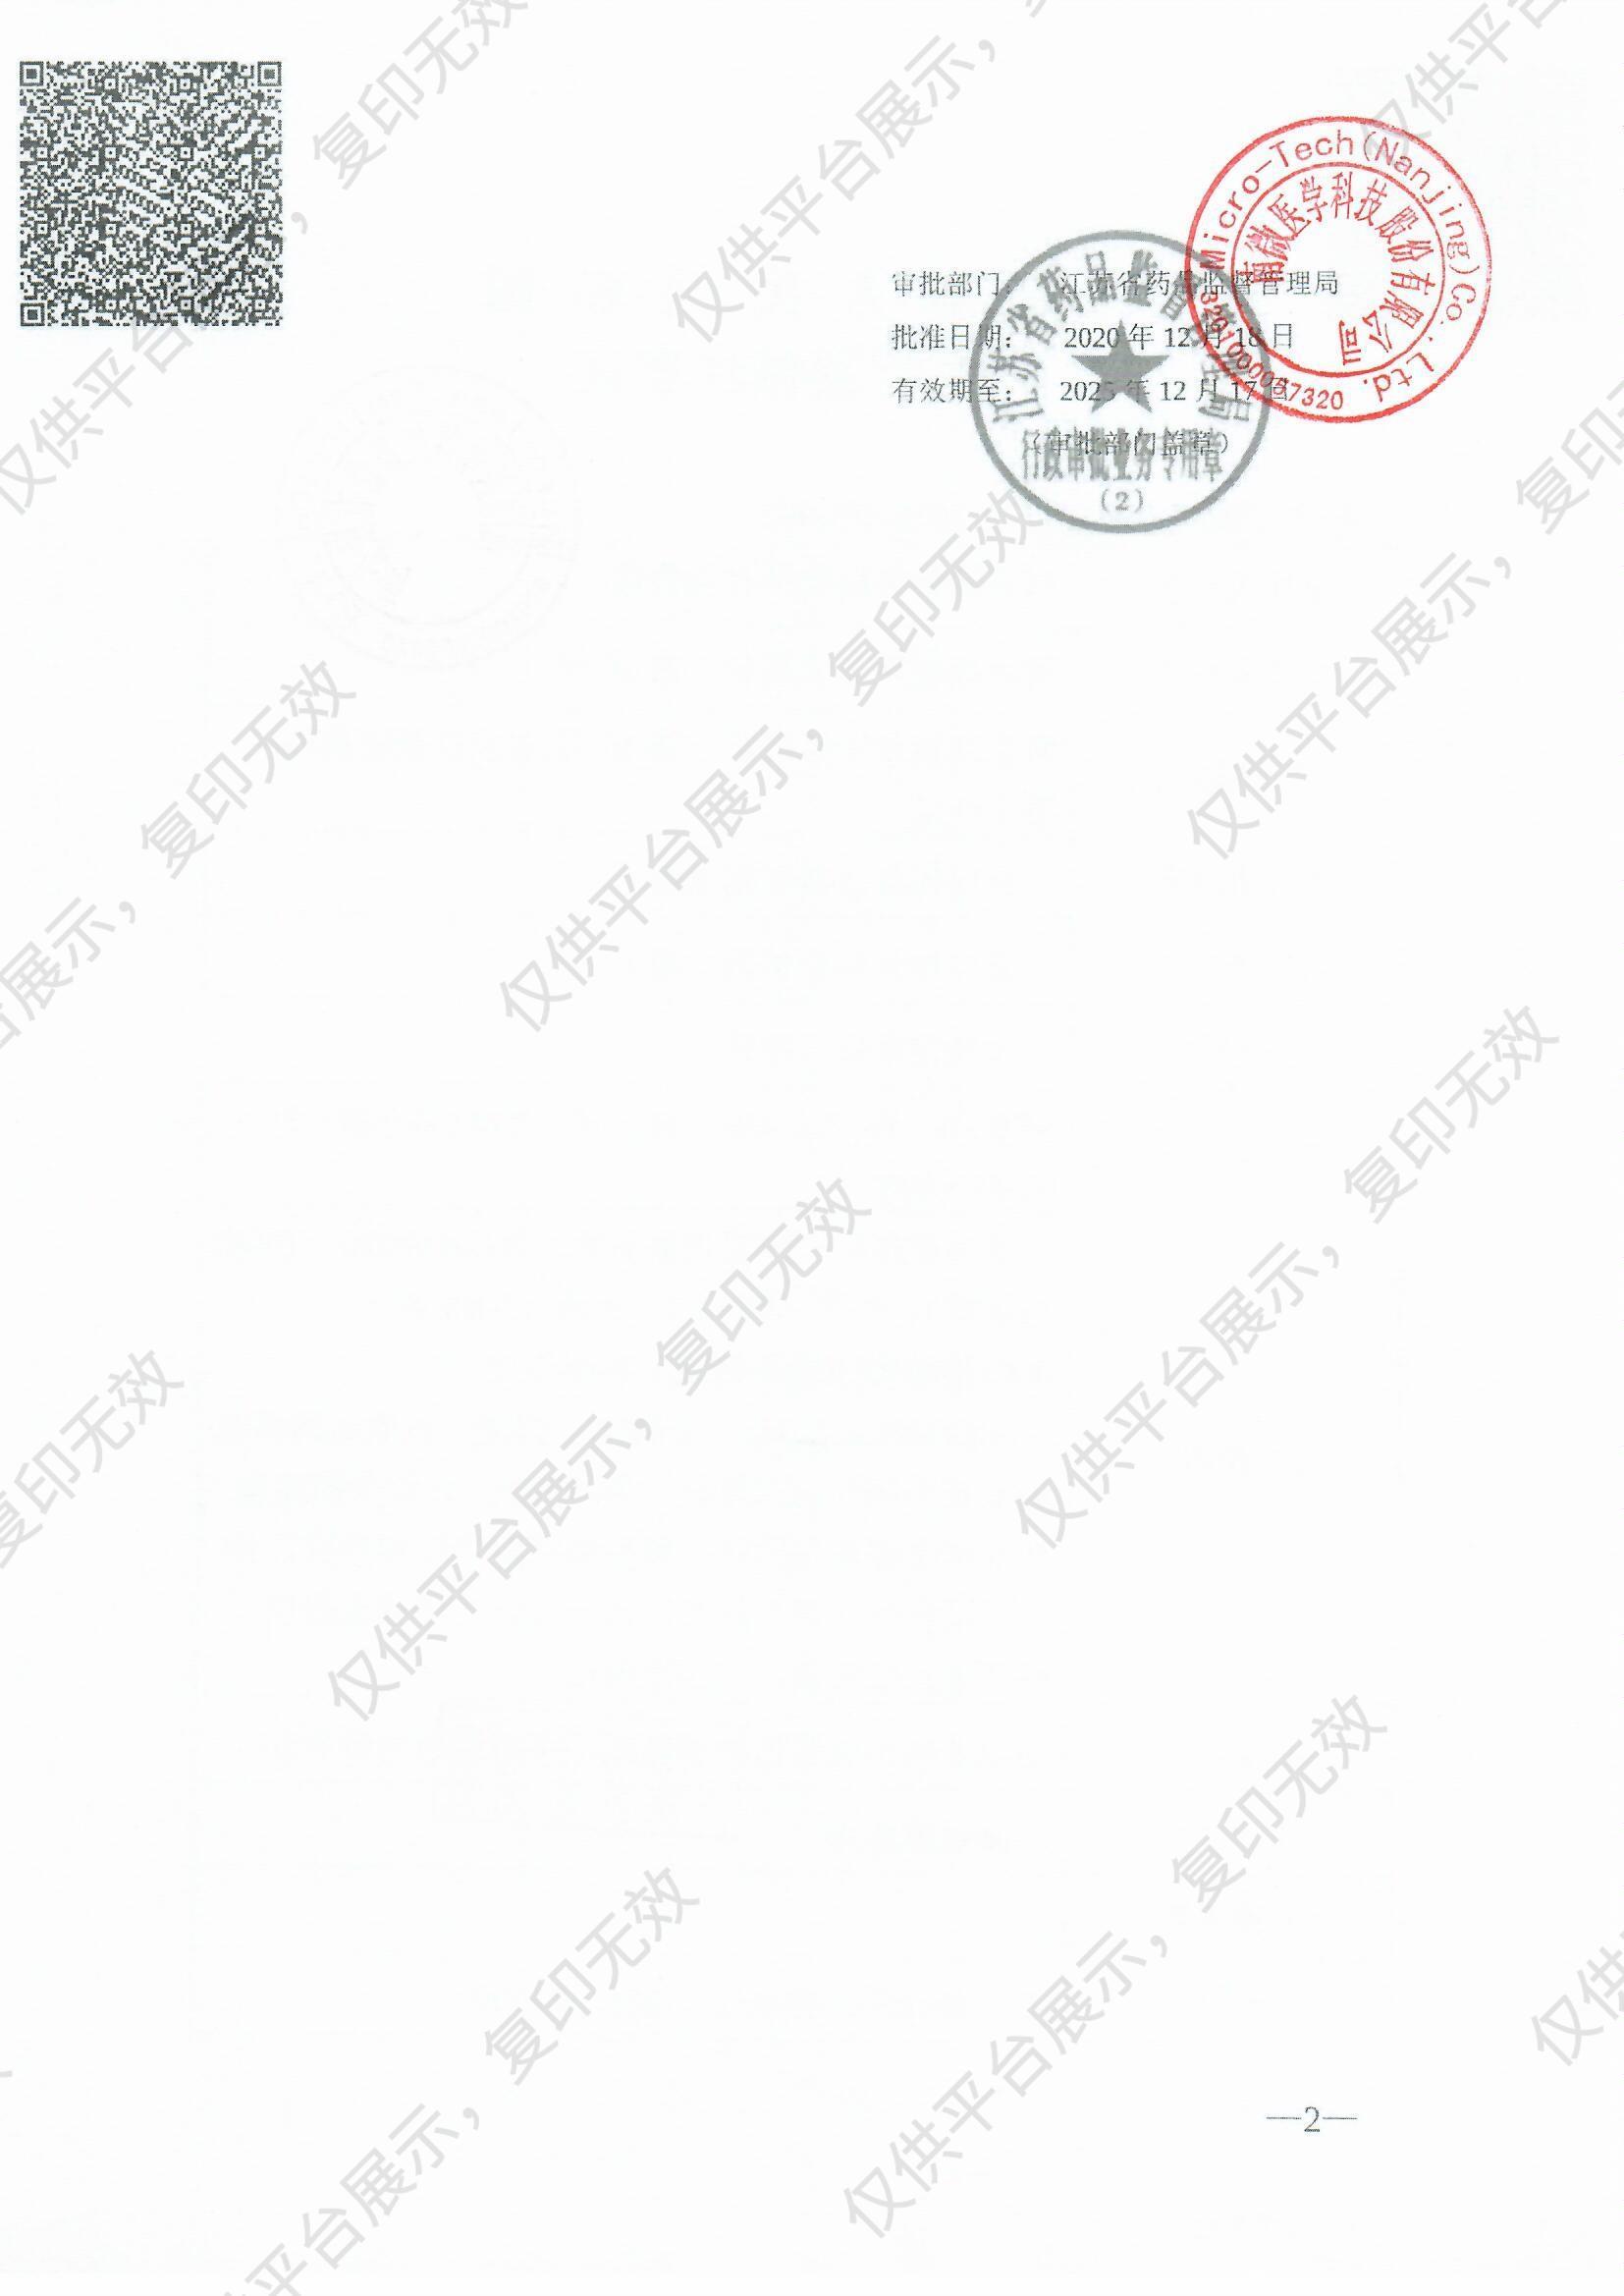 南京微创 一次性使用取石网篮25mm 7Fr 2000mm(2支/盒)注册证